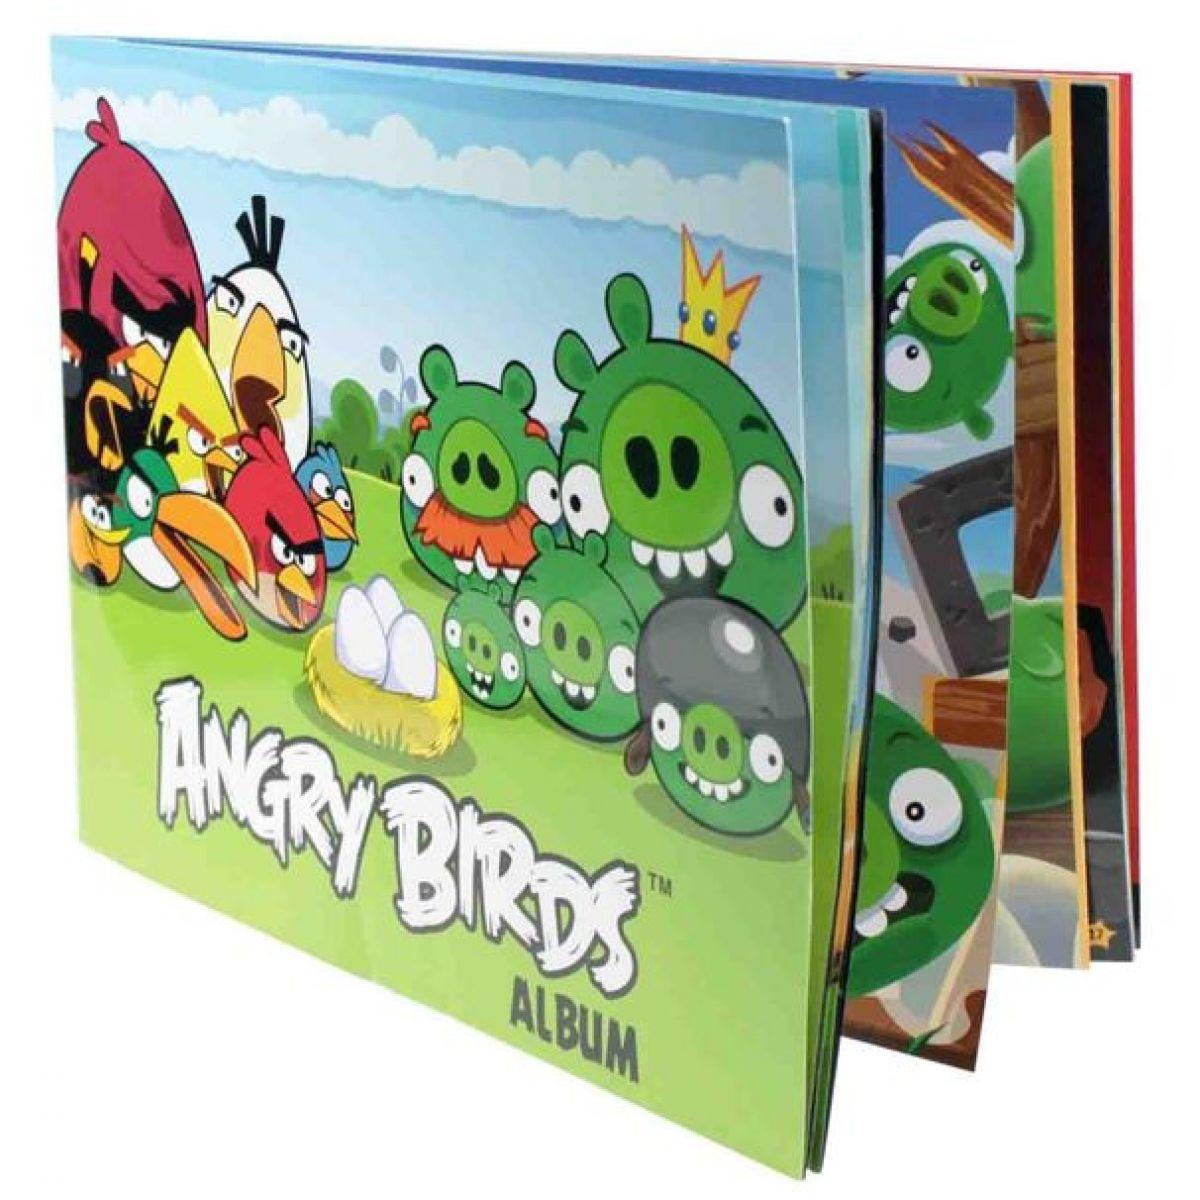 Angry Birds Sběratelské album na samolepky